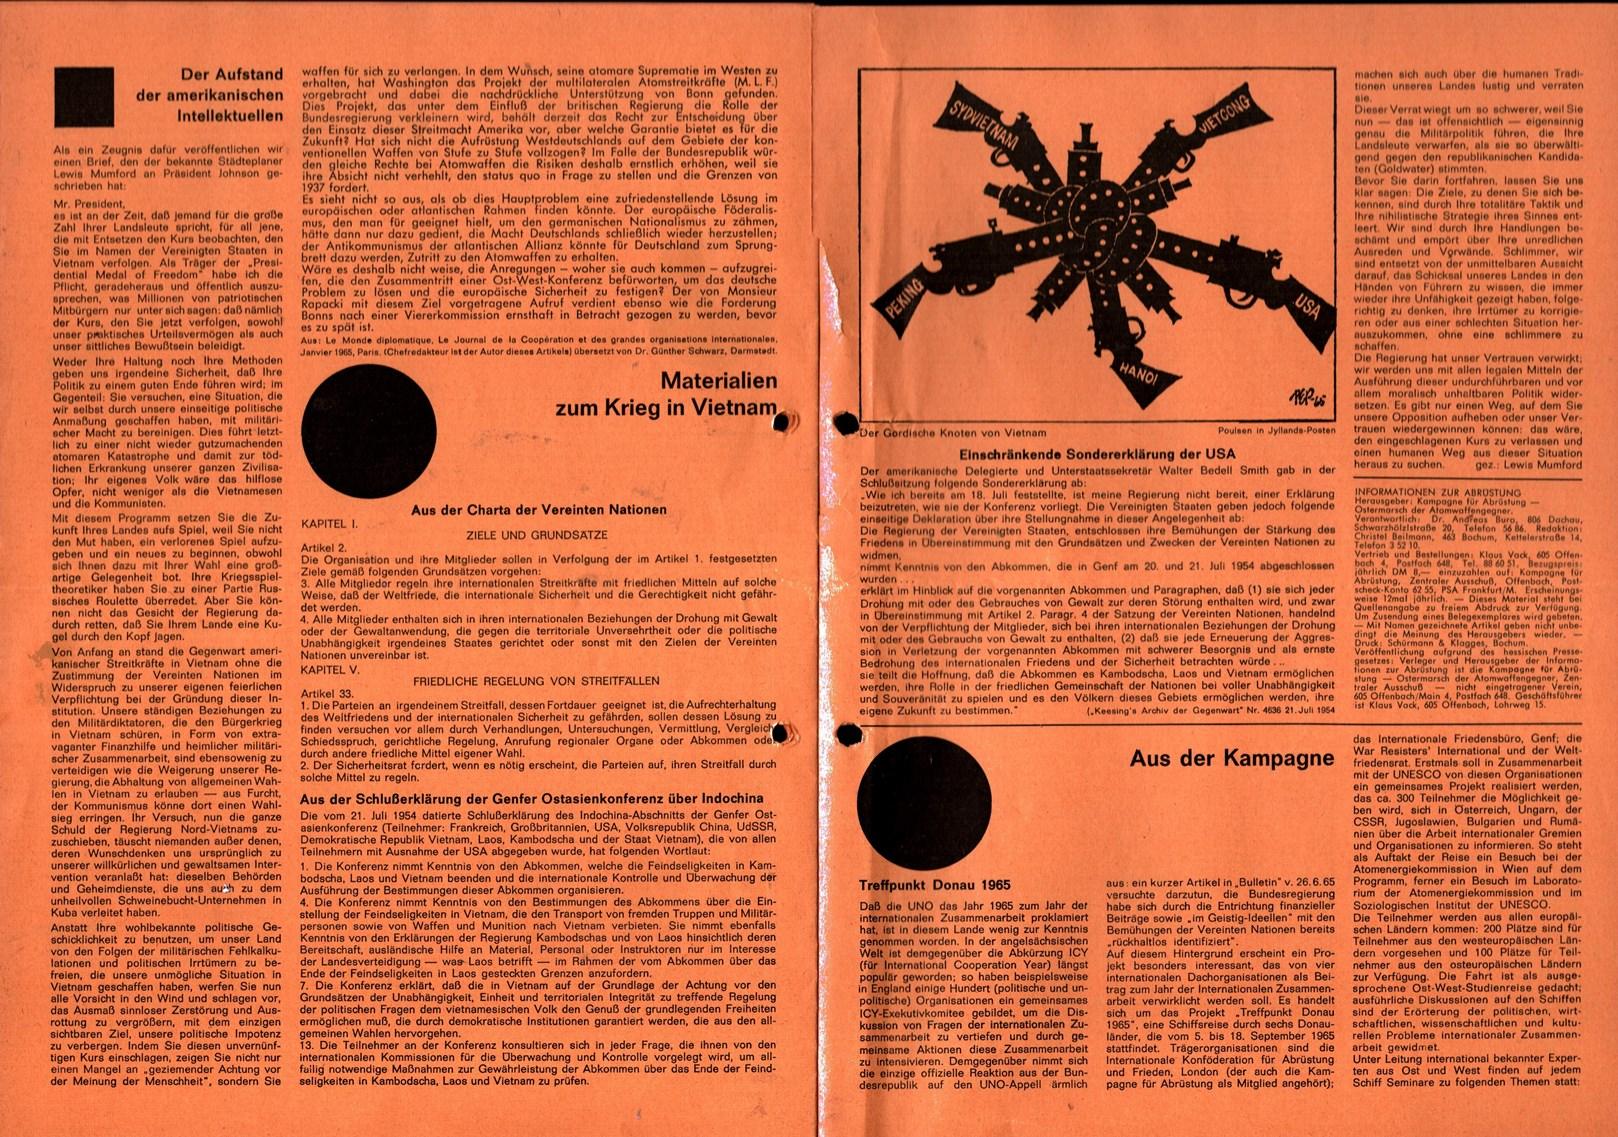 Infos_zur_Abruestung_1965_024_025_006